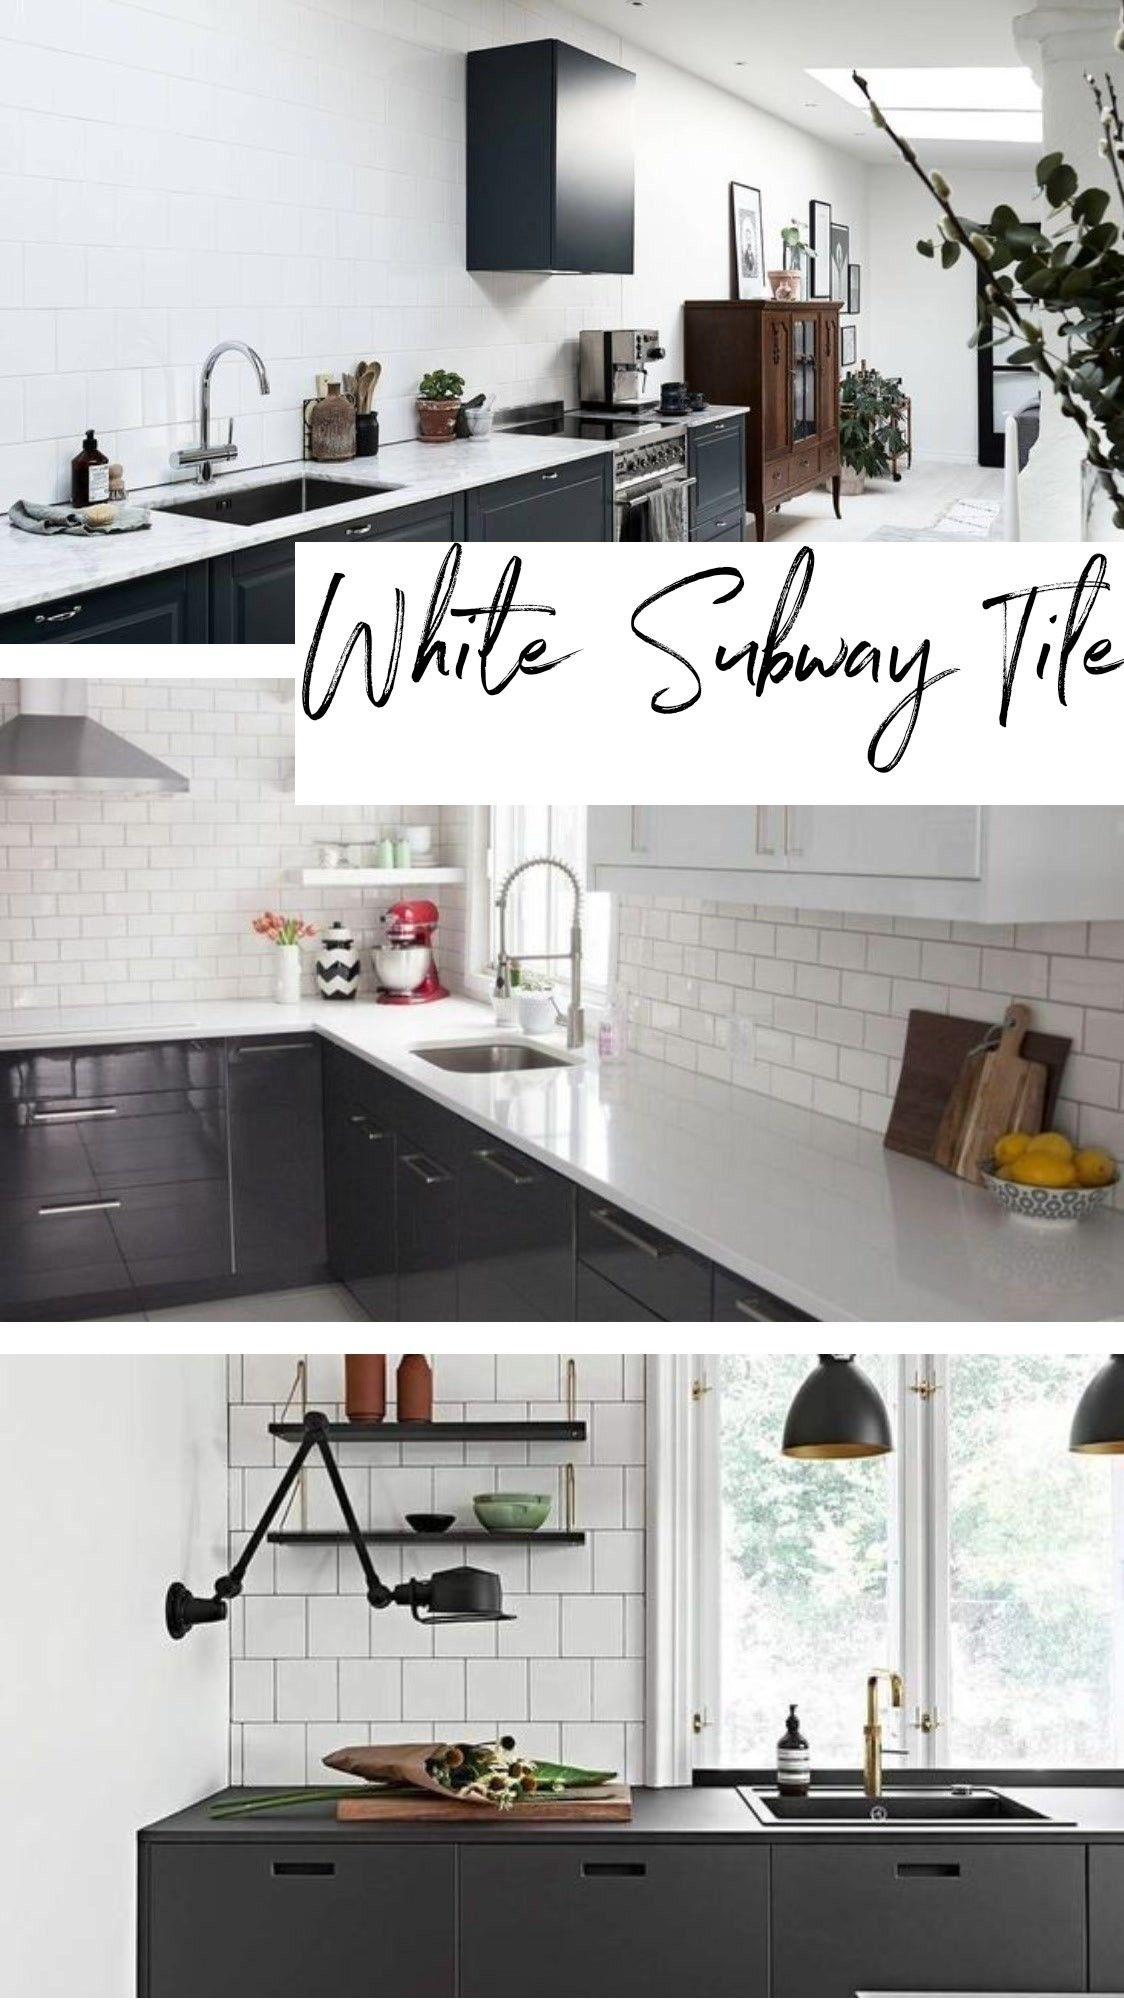 White Subway Tile Backsplash White Subway Tile Backsplash Countertops Kitchen Tiles Backsplash